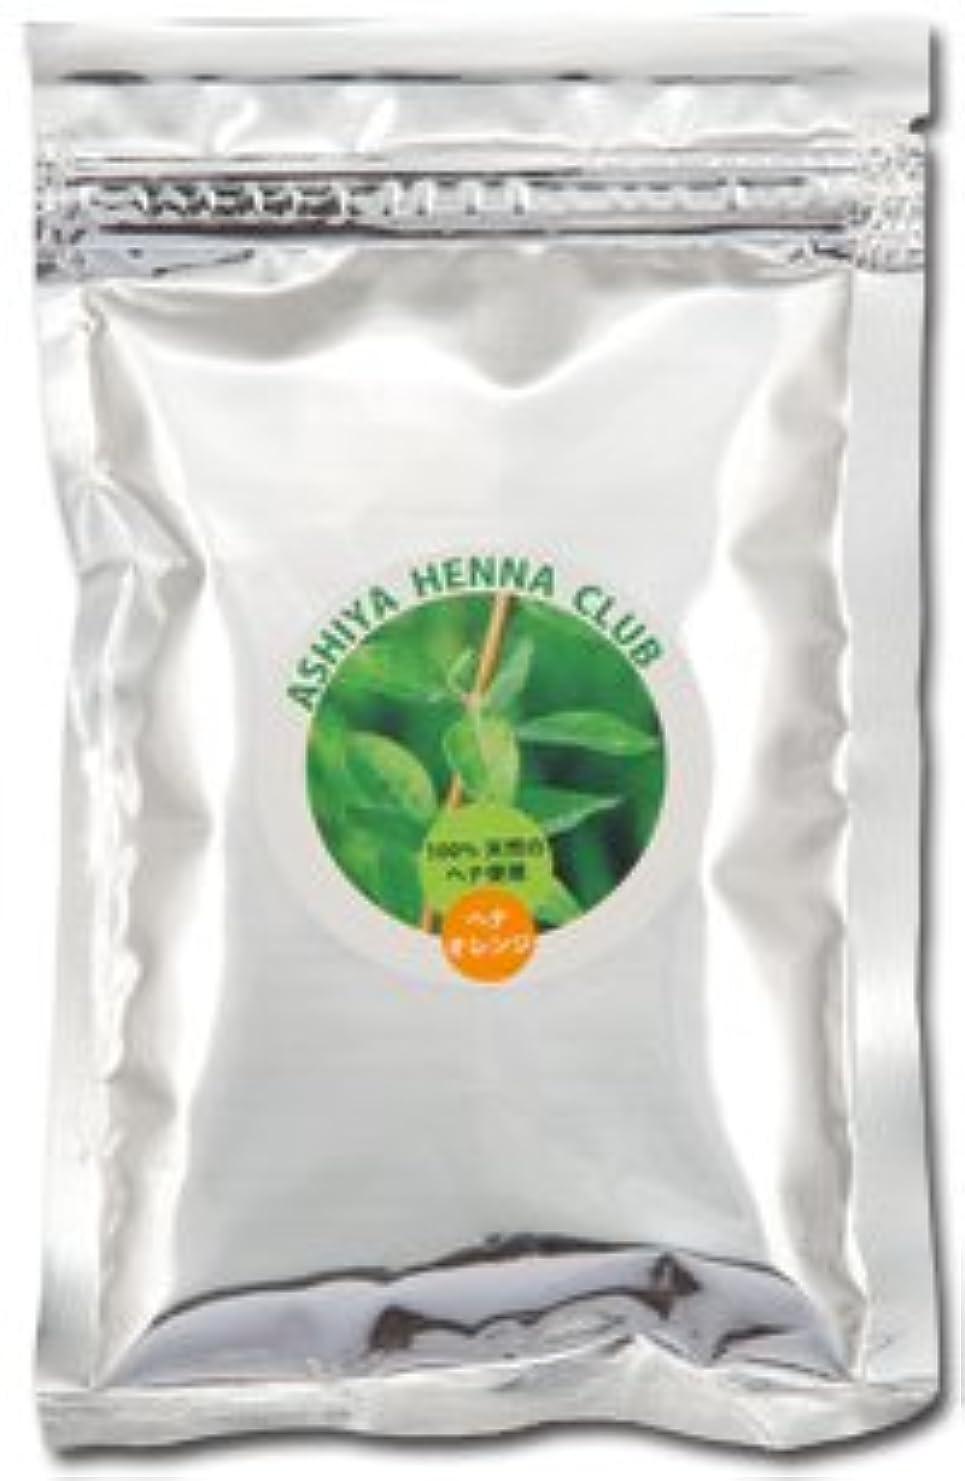 にじみ出るマイルストーン農夫芦屋ヘナ倶楽部ハーバルヘナピュア(オレンジ)2個 Aランクの上級天然ヘナ100%